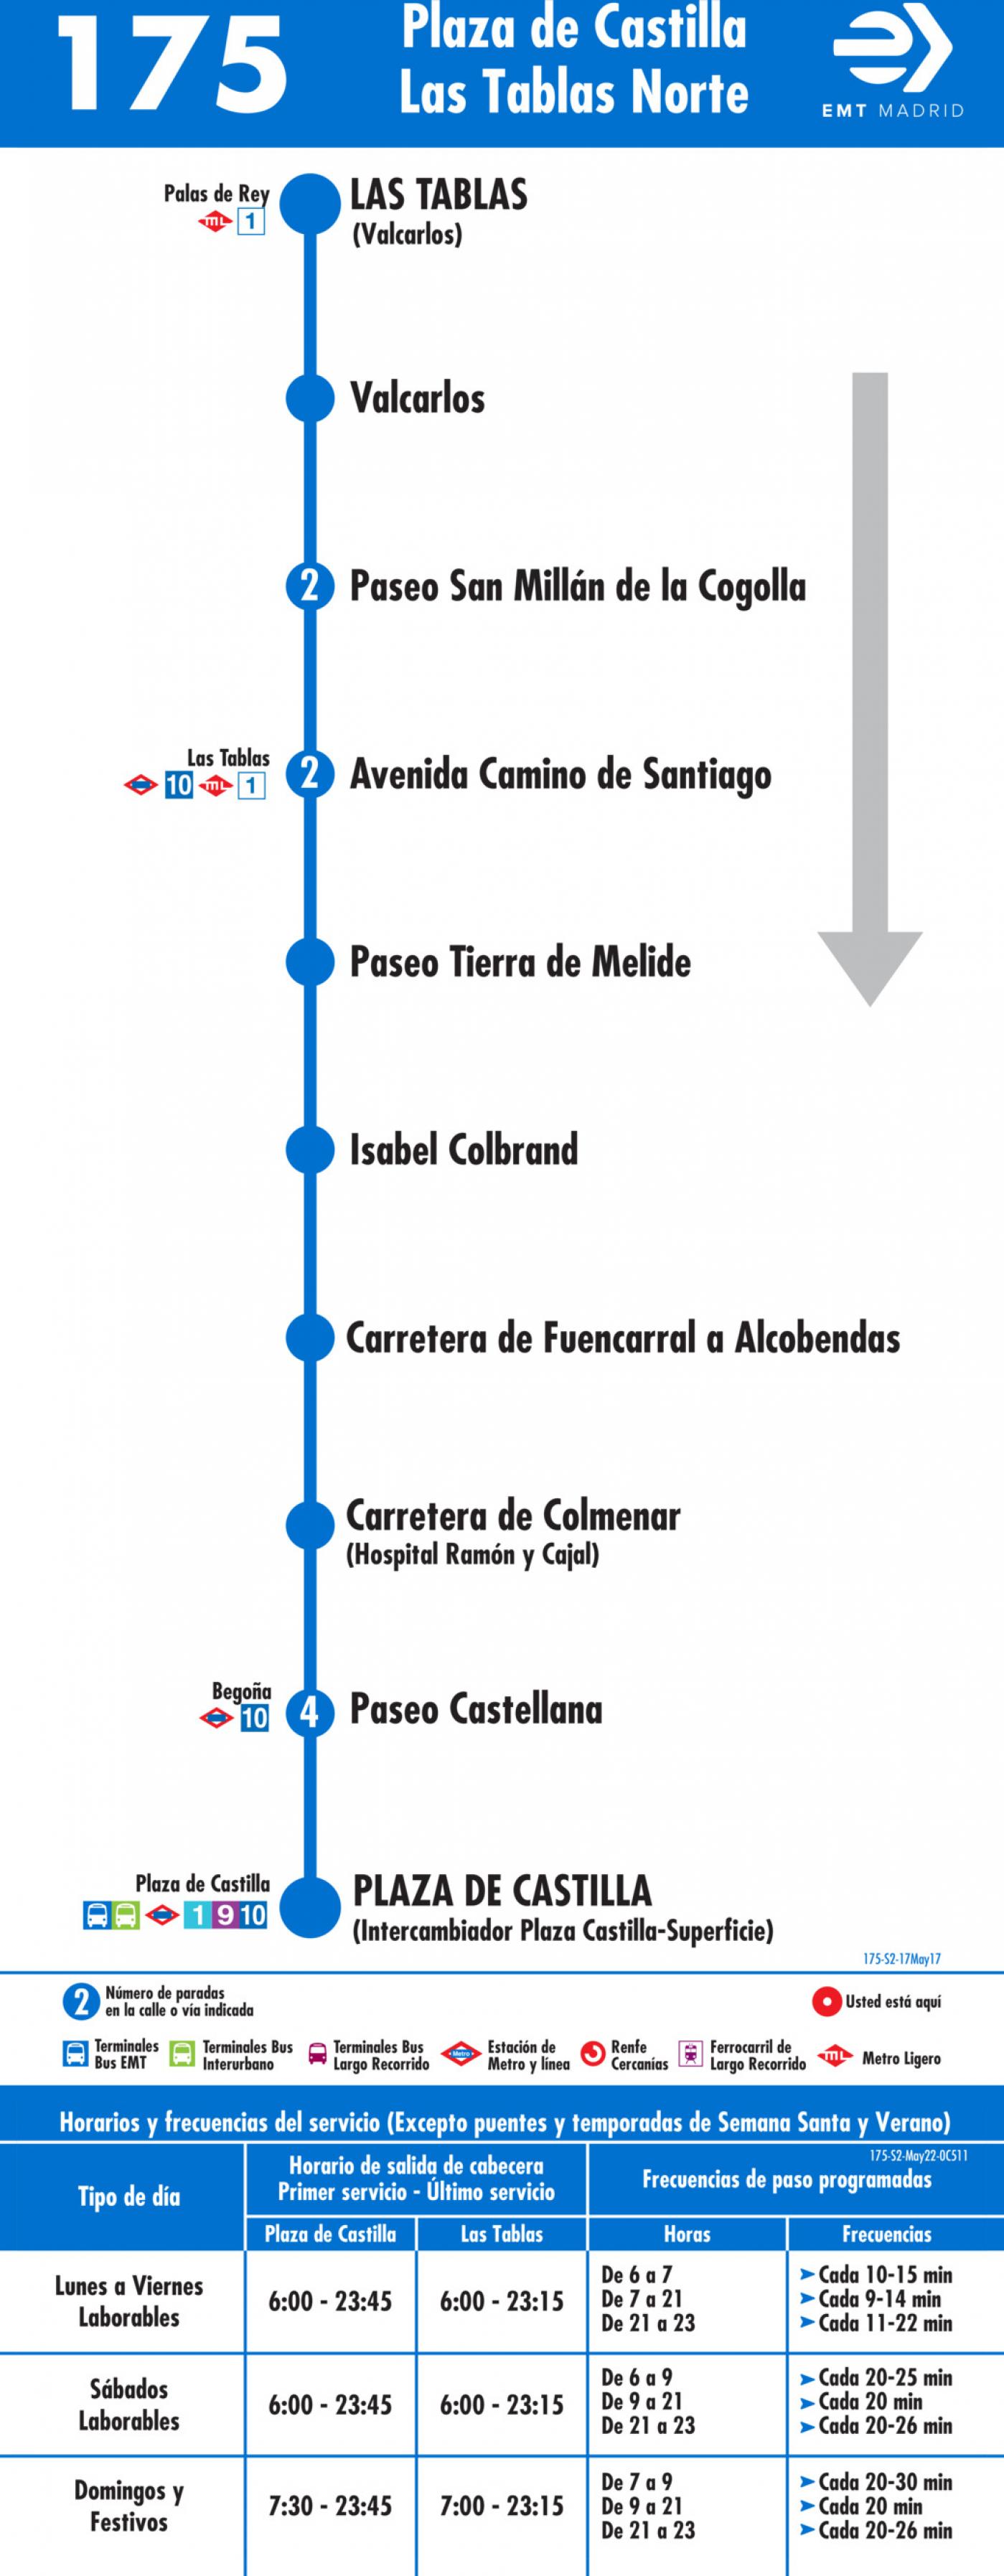 Tabla de horarios y frecuencias de paso en sentido vuelta Línea 175: Plaza Castilla - Las Tablas Norte